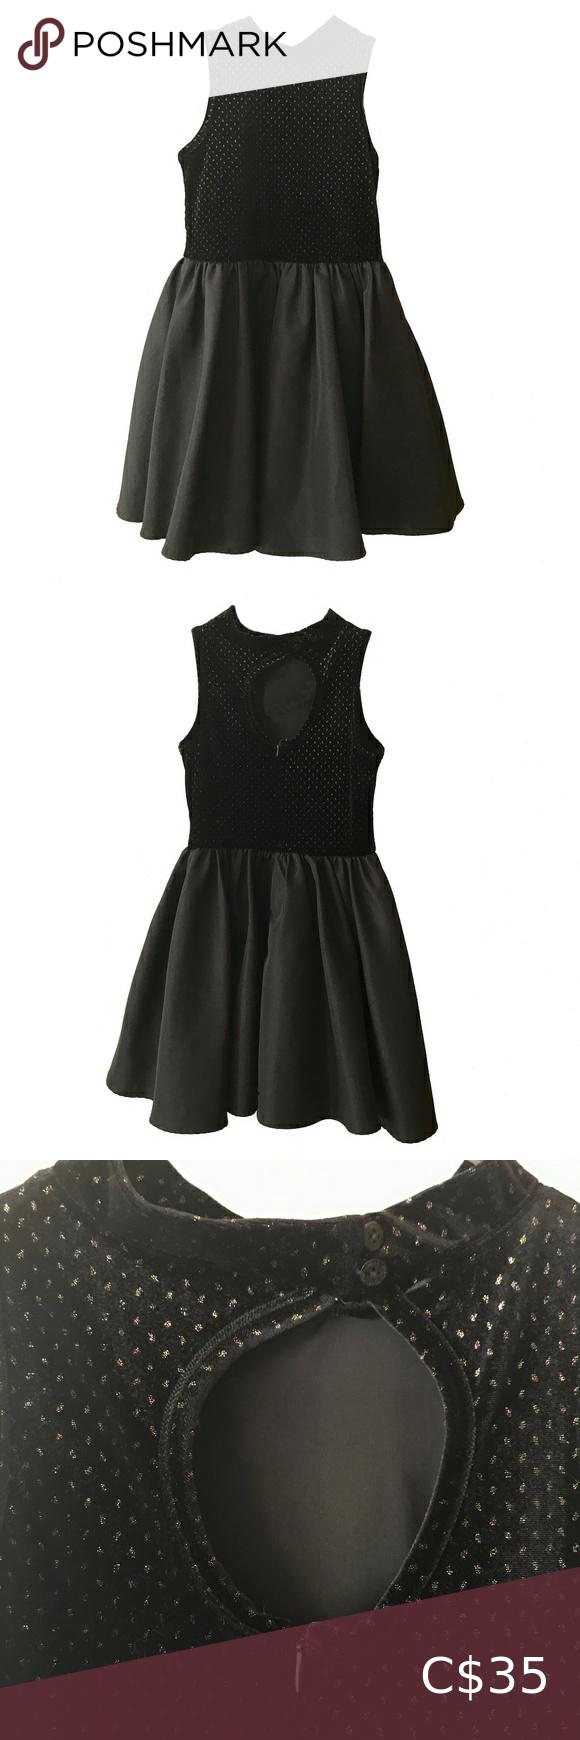 Pastourelle Nyc Girls Black Dress Size 7 Girls Black Dress Girls Blue Dress Girls Knitted Dress [ 1740 x 580 Pixel ]